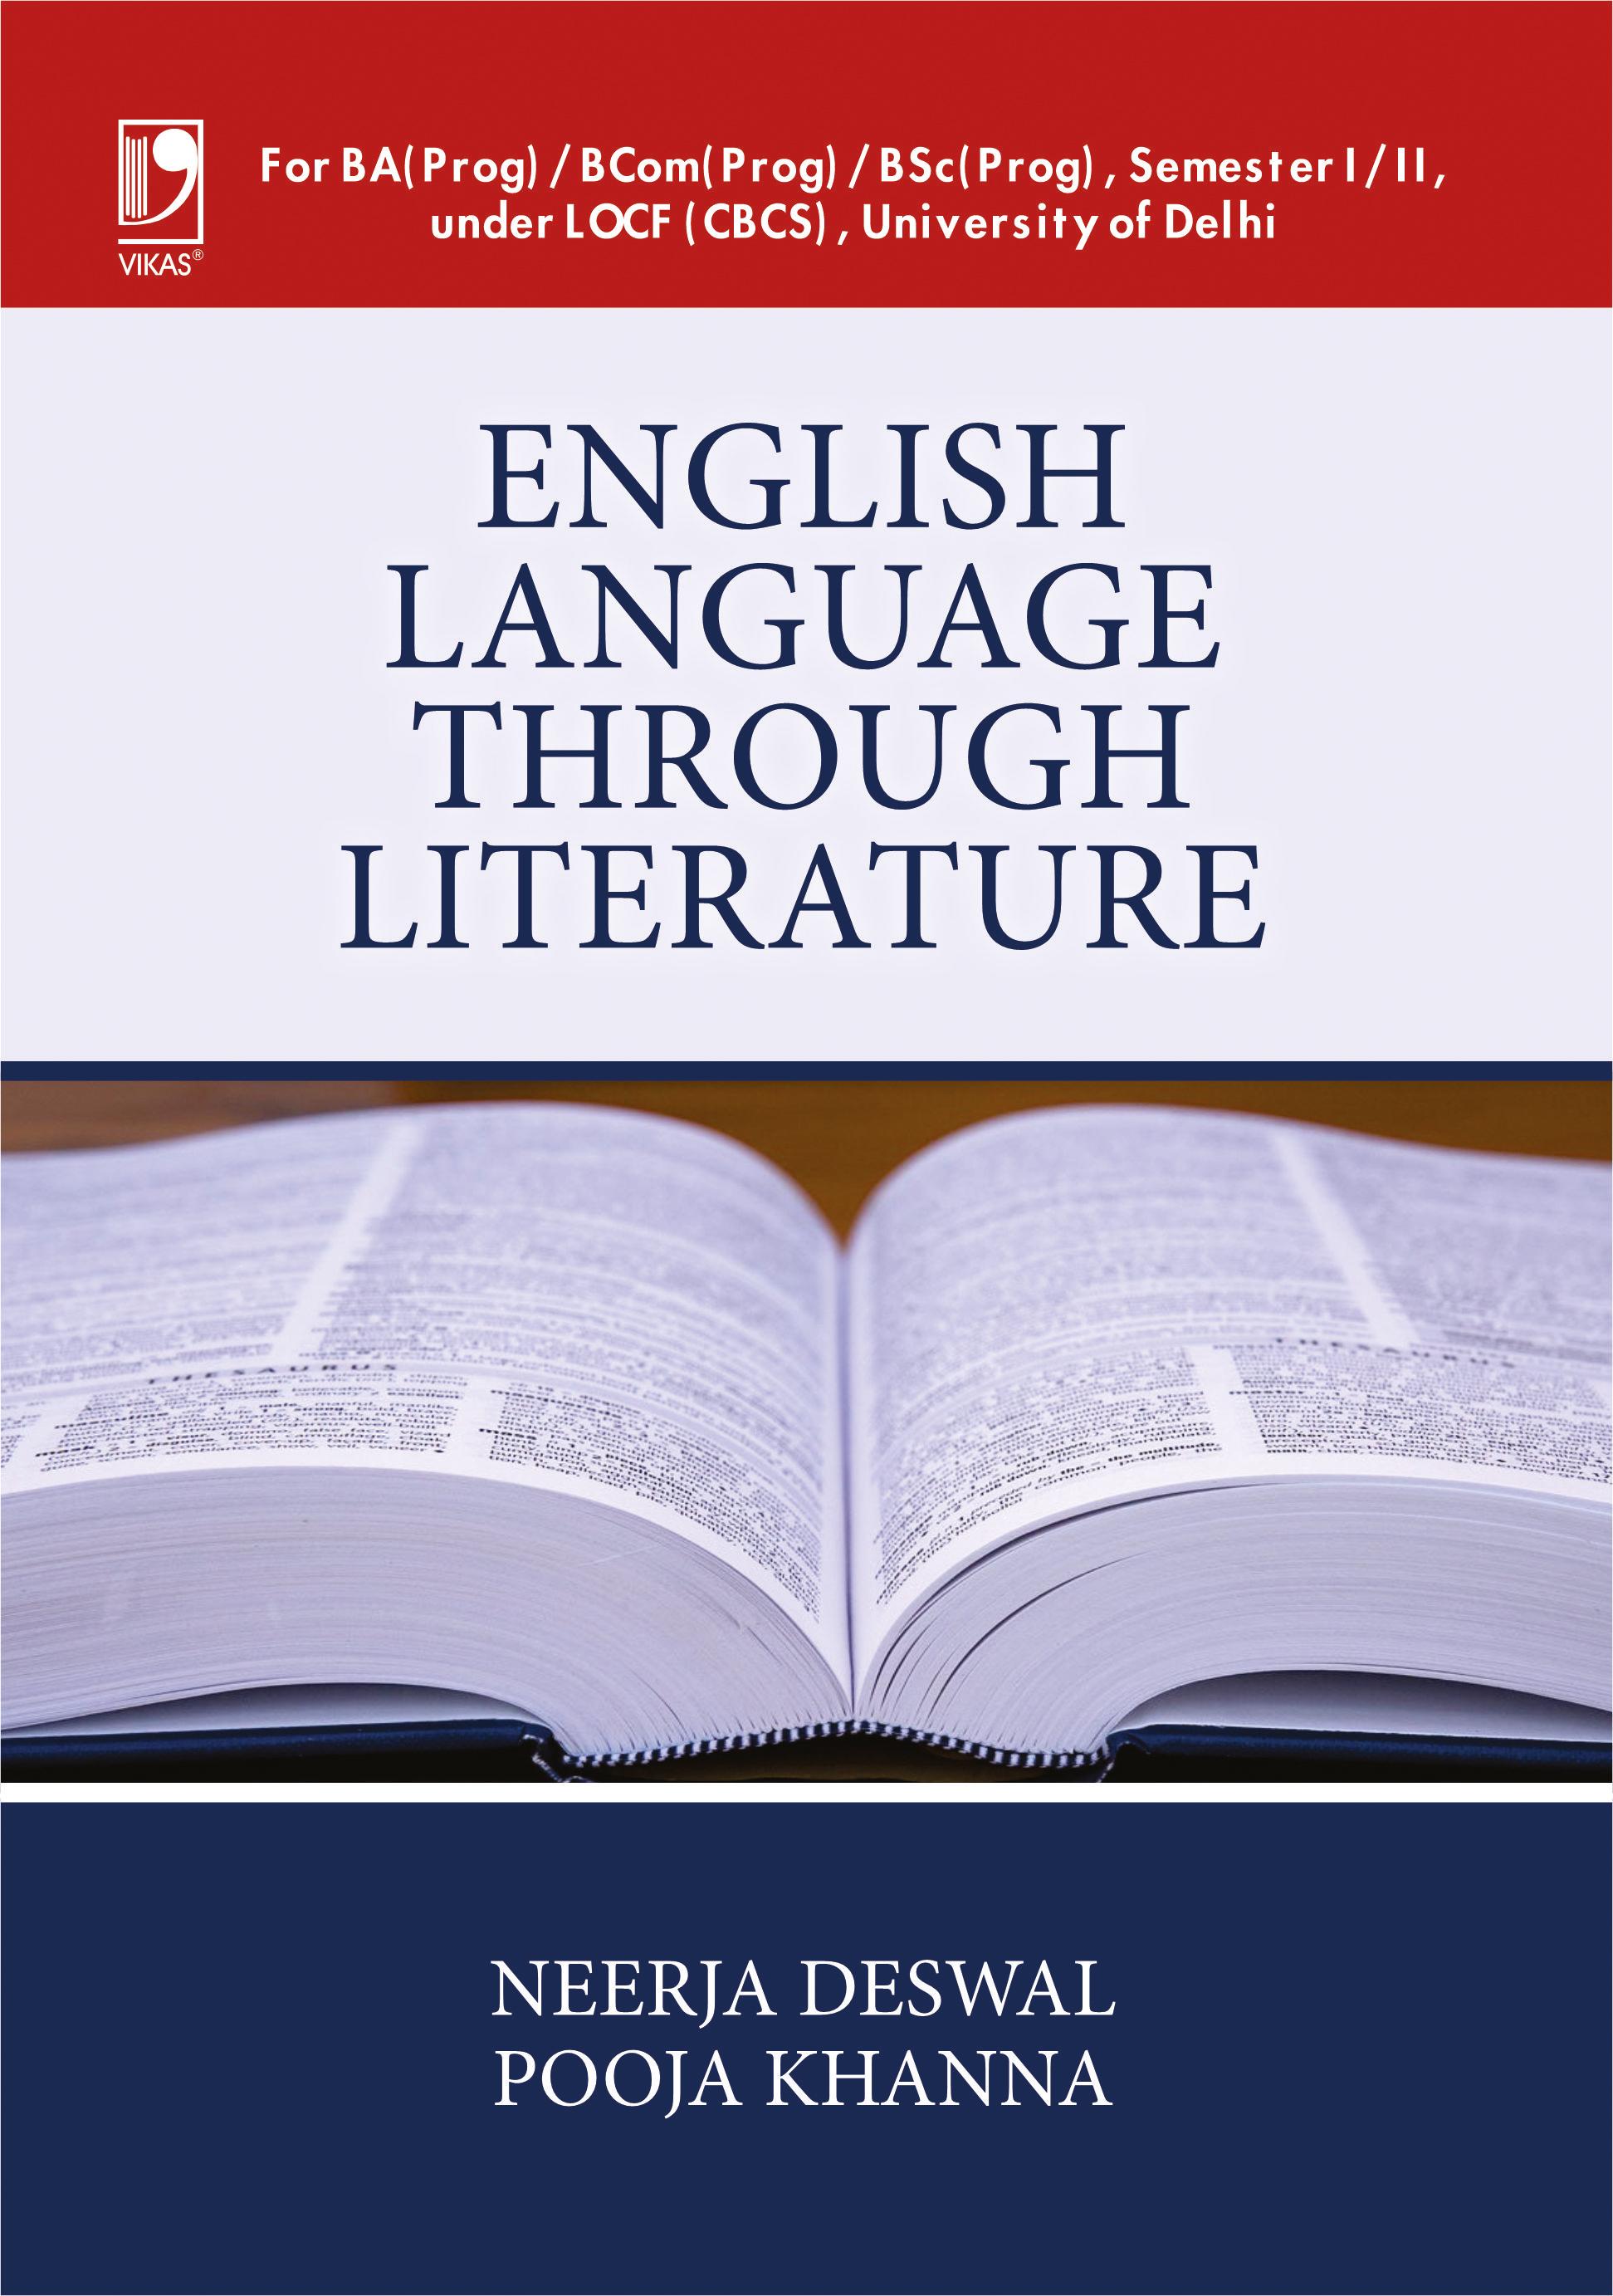 English Language Through Literature by Neerja Deswal